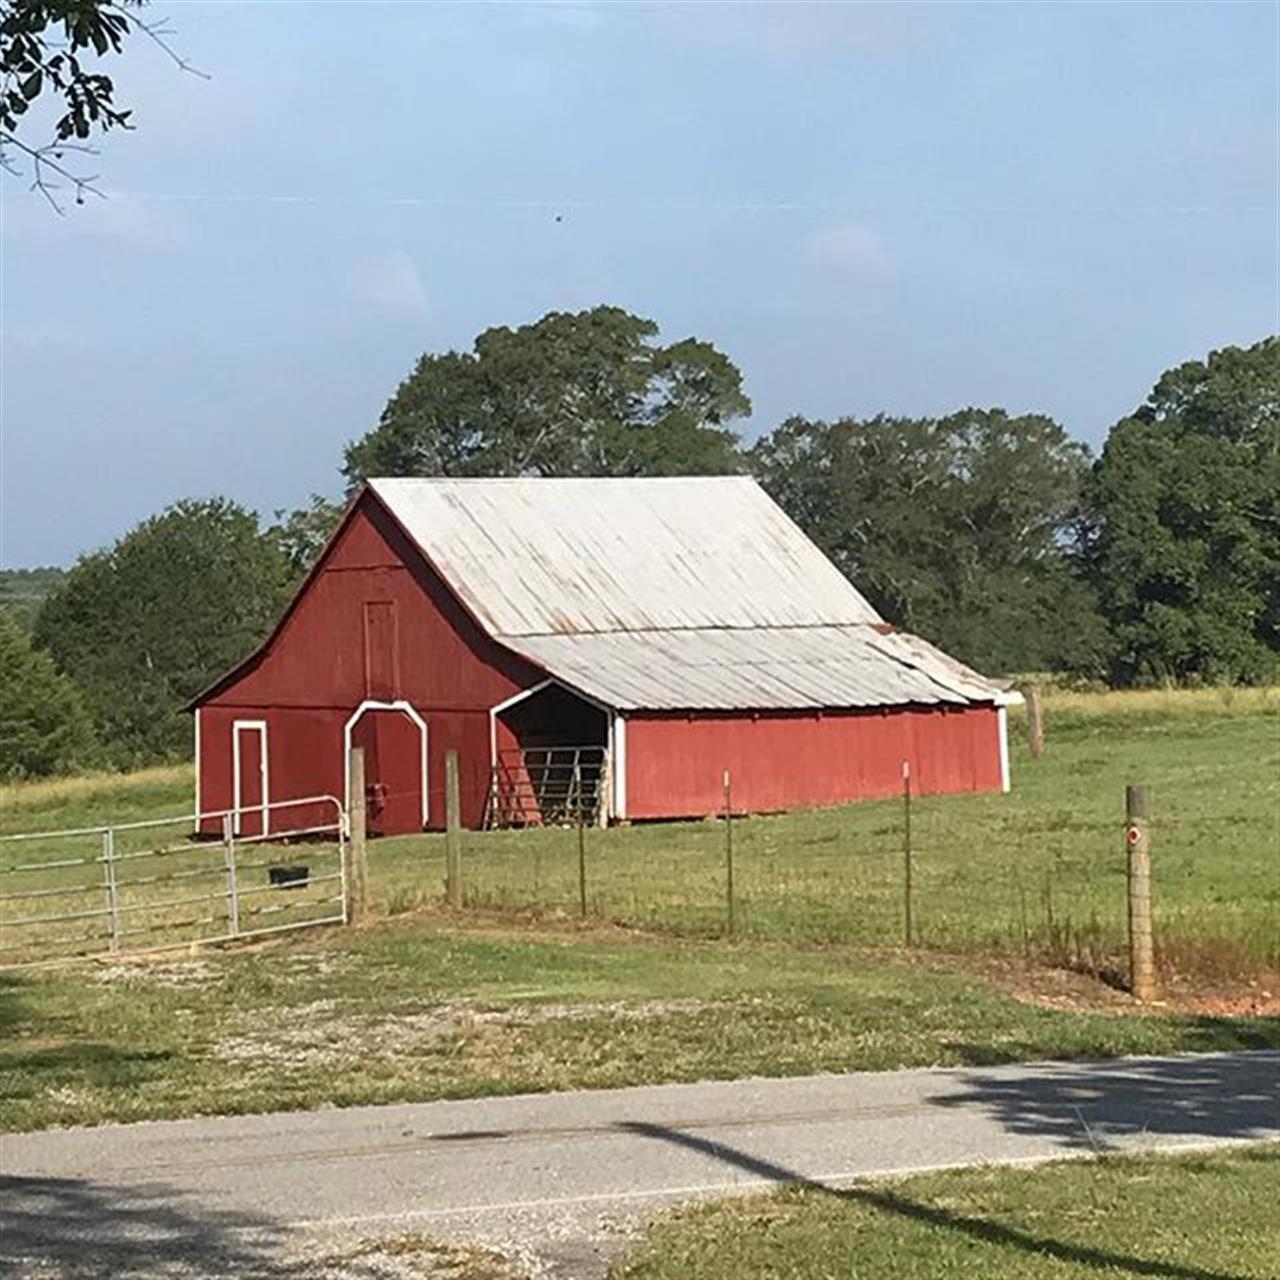 Pretty farm on #friday  #farms #pinemountainga #LeadingRElocal